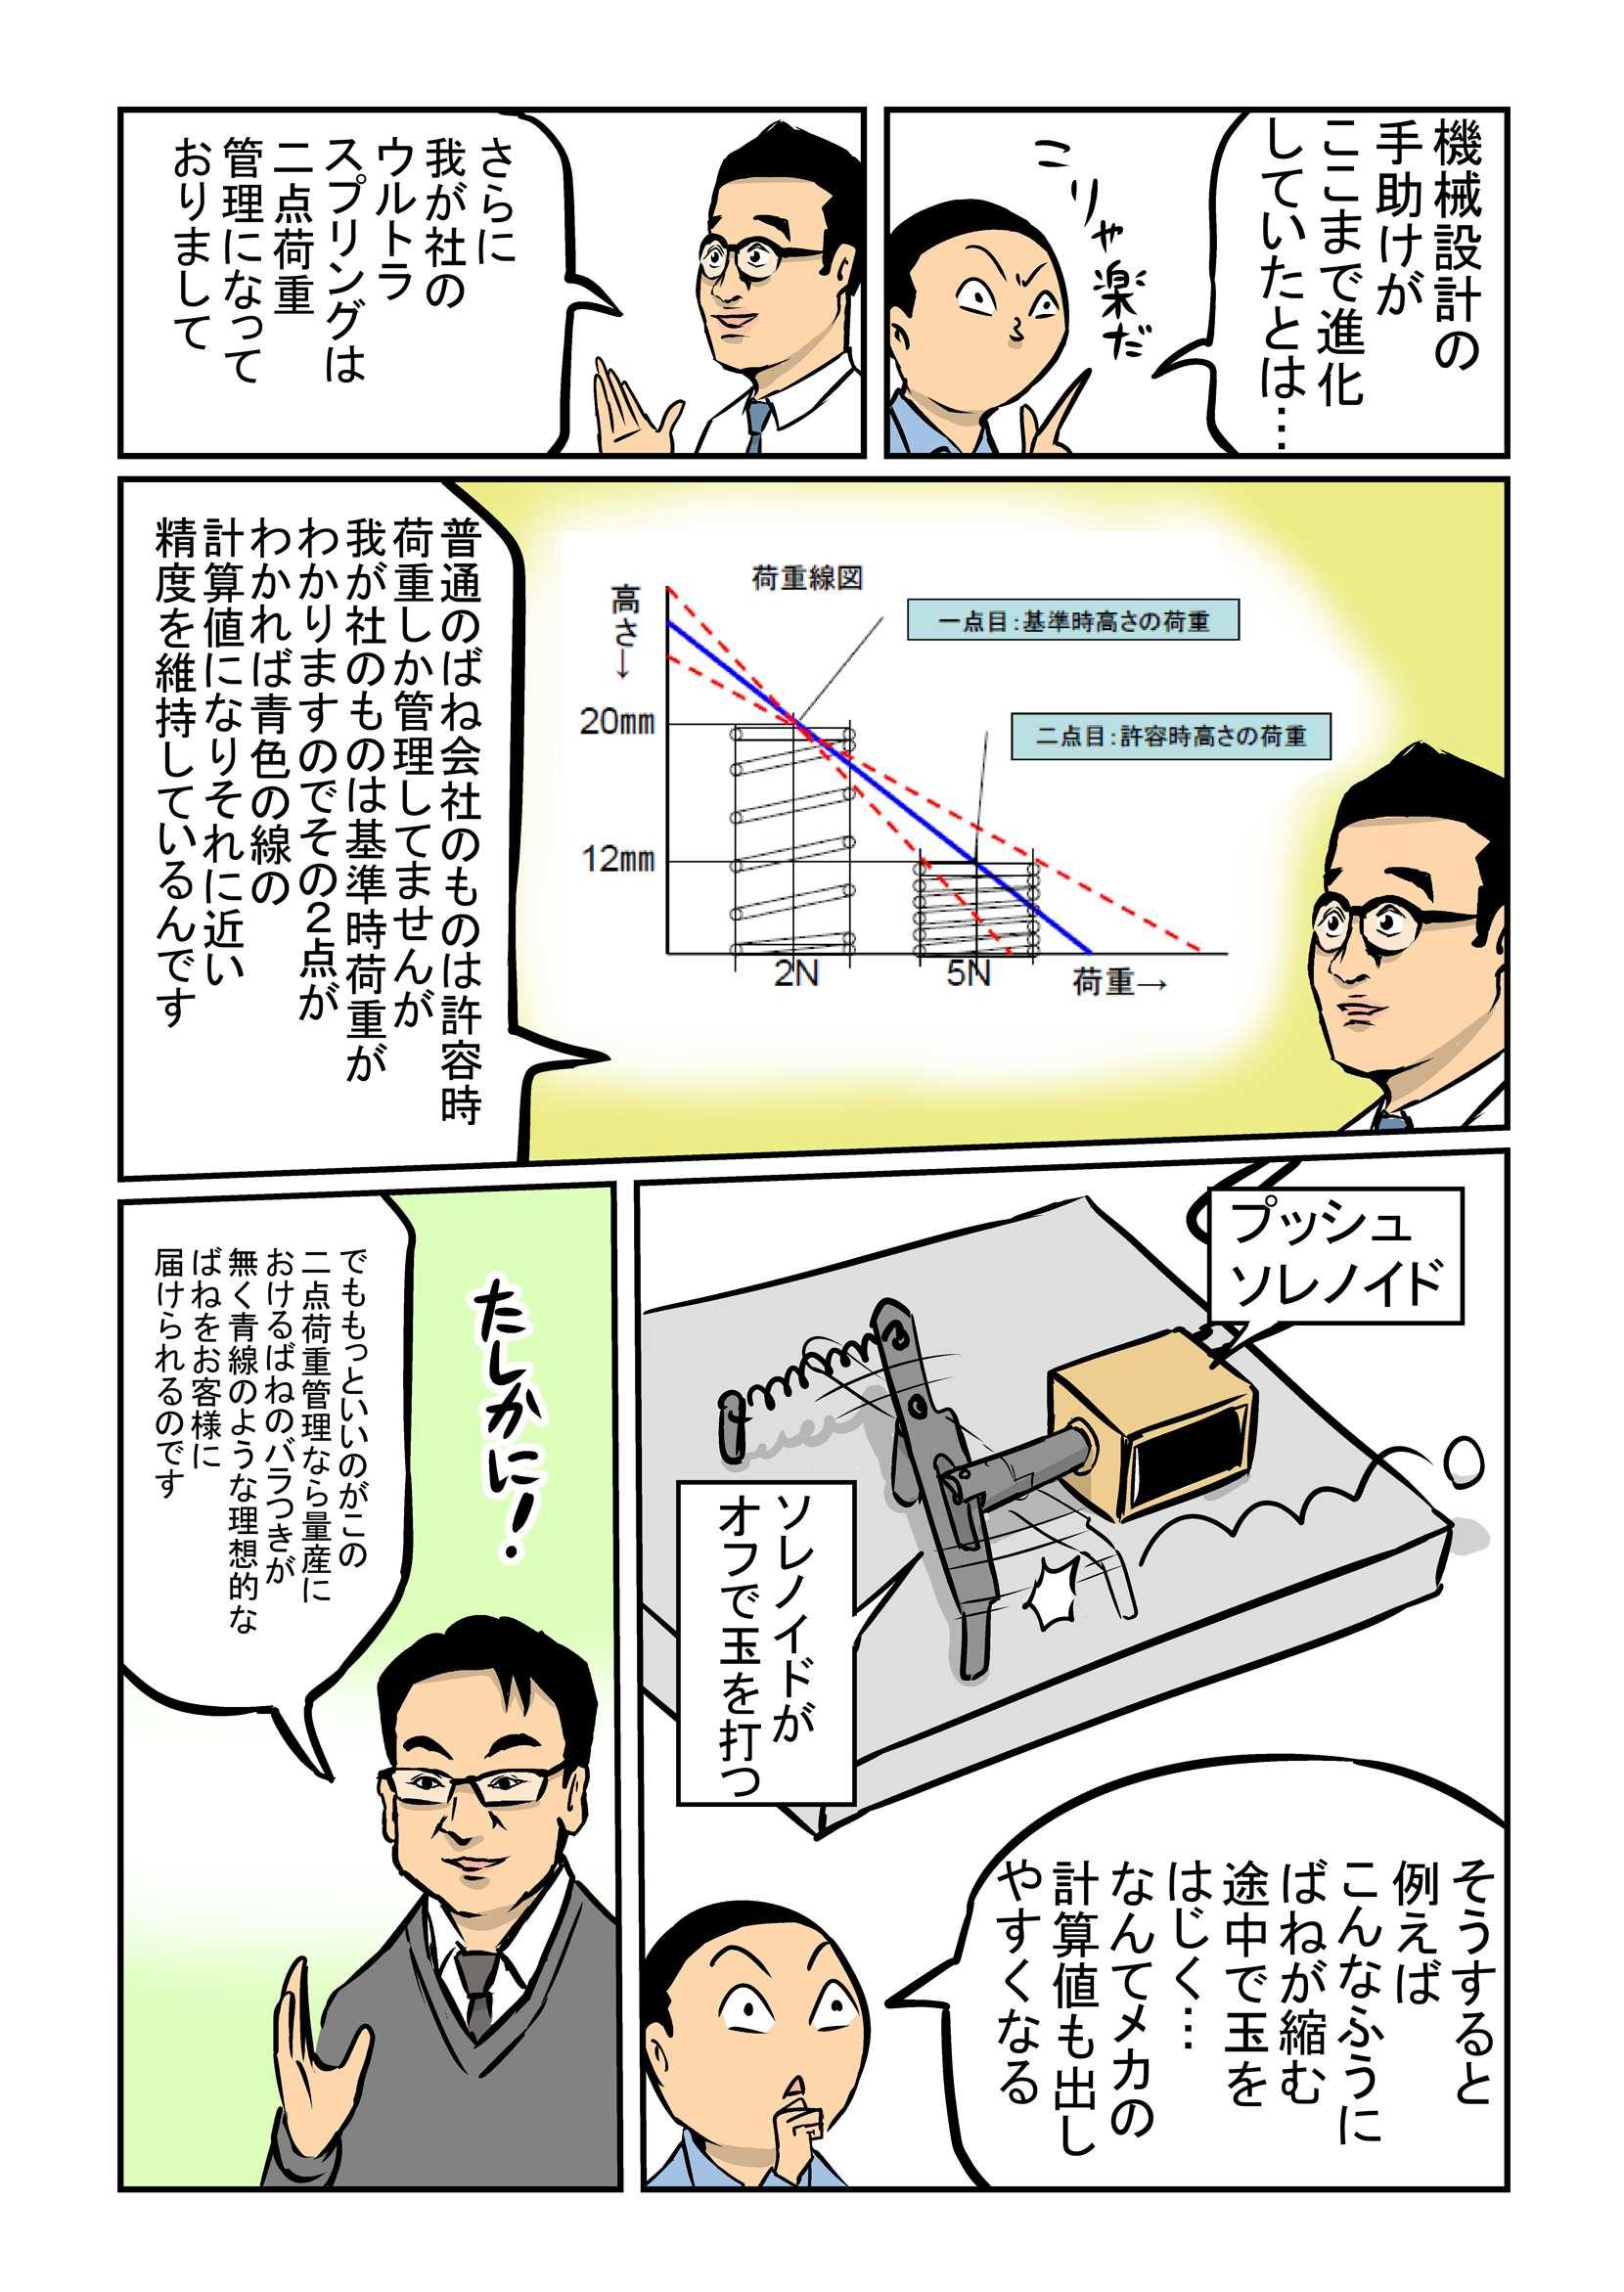 漫画シブすぎ放浪記4P